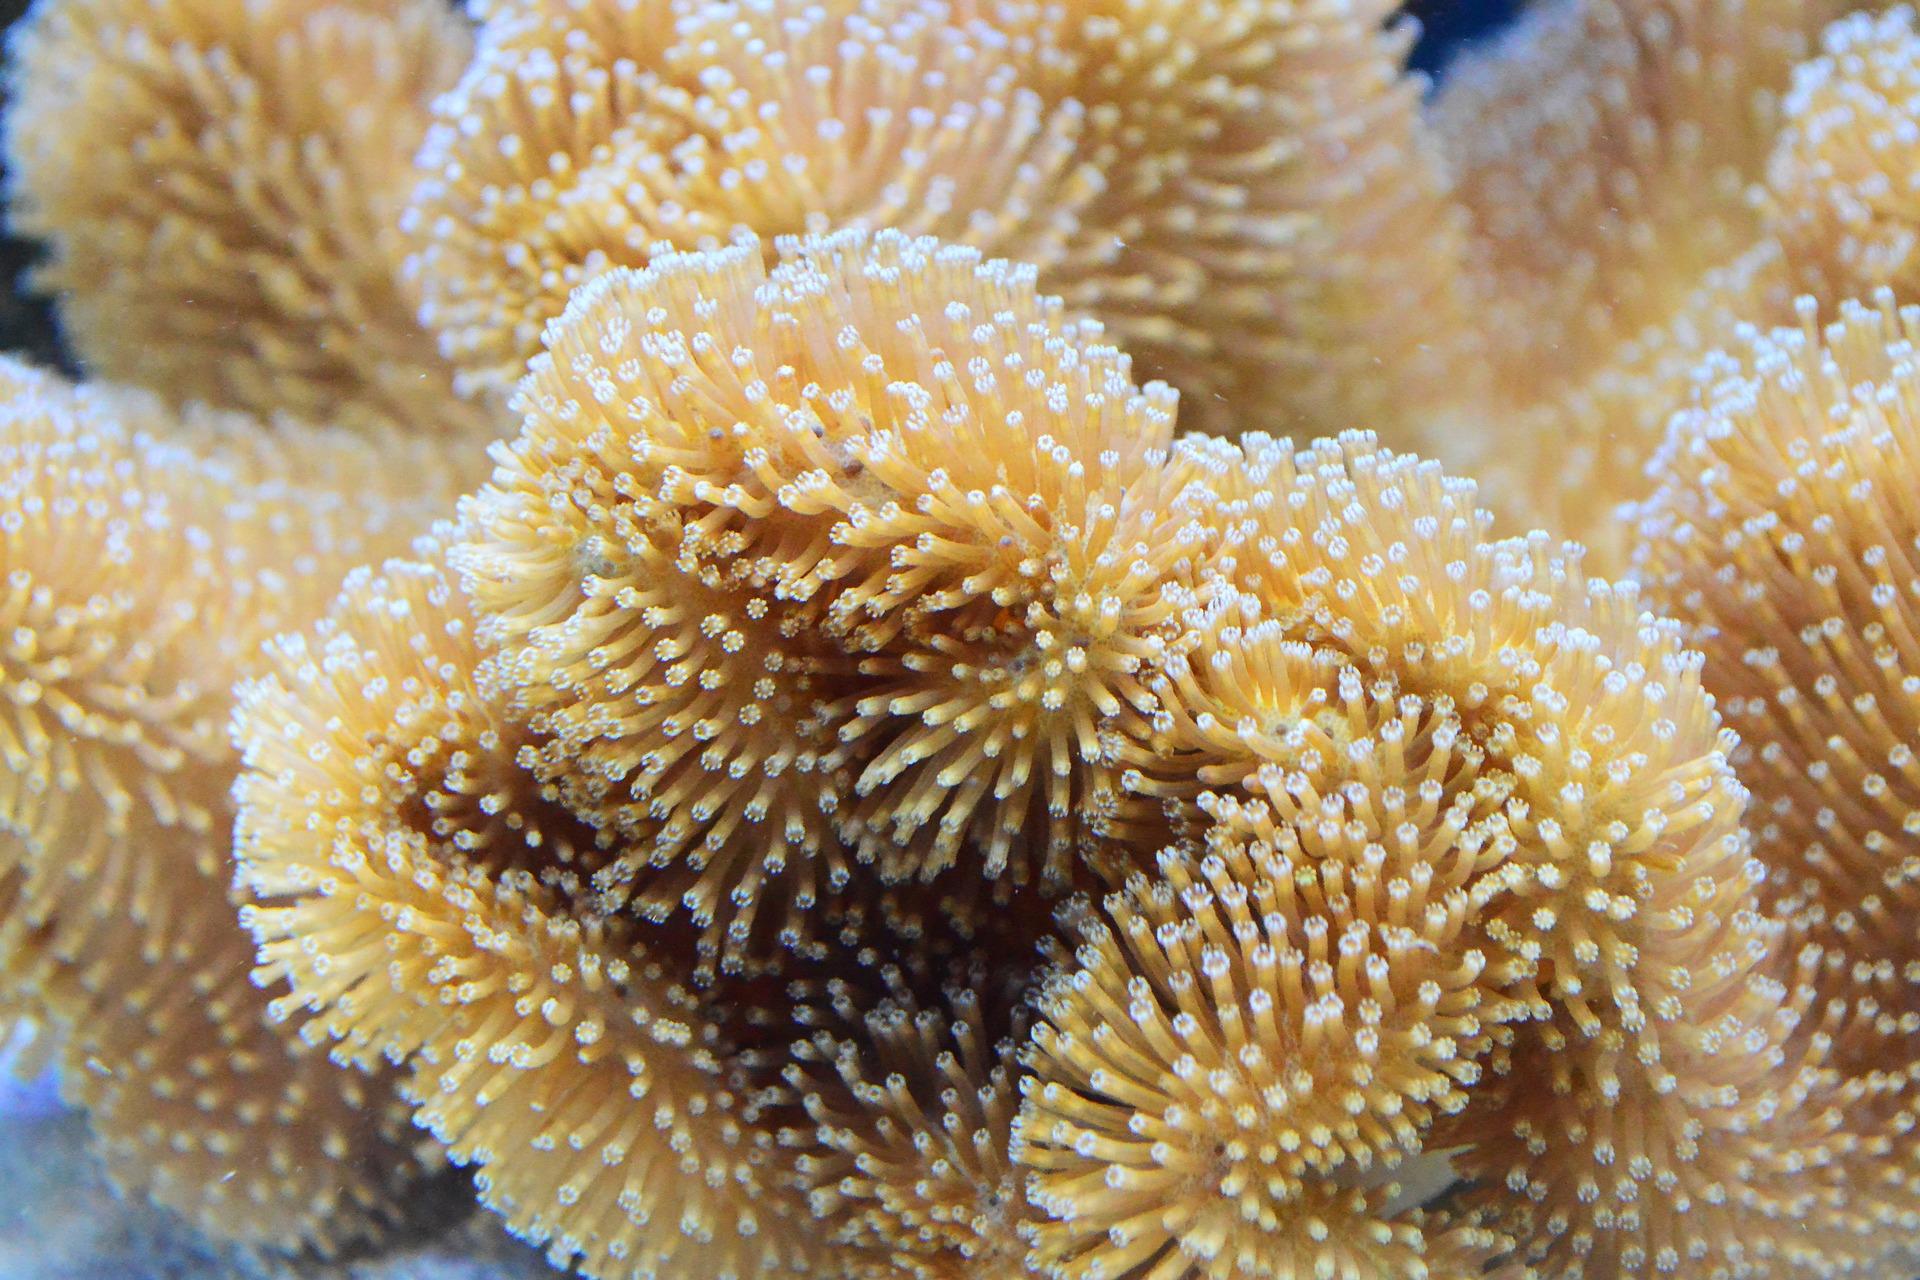 coral-1318694_1920.jpg